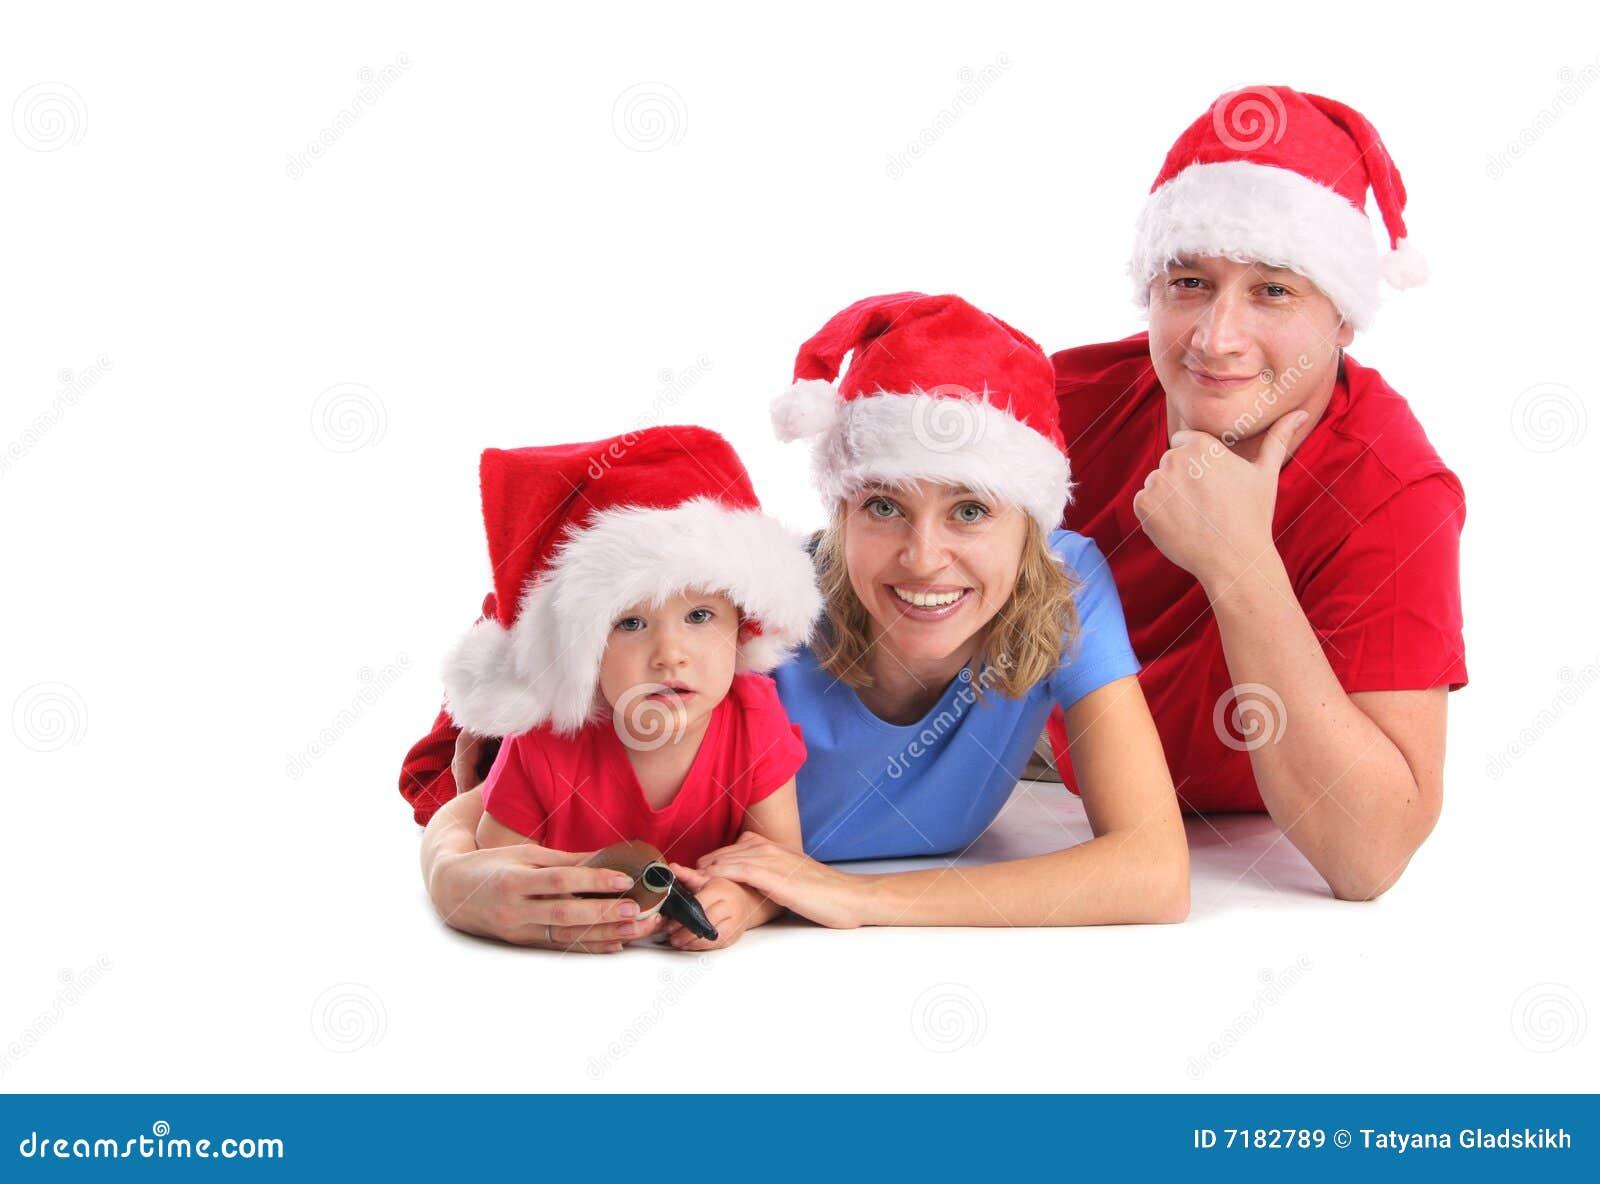 С новым годом сыночку и дочке